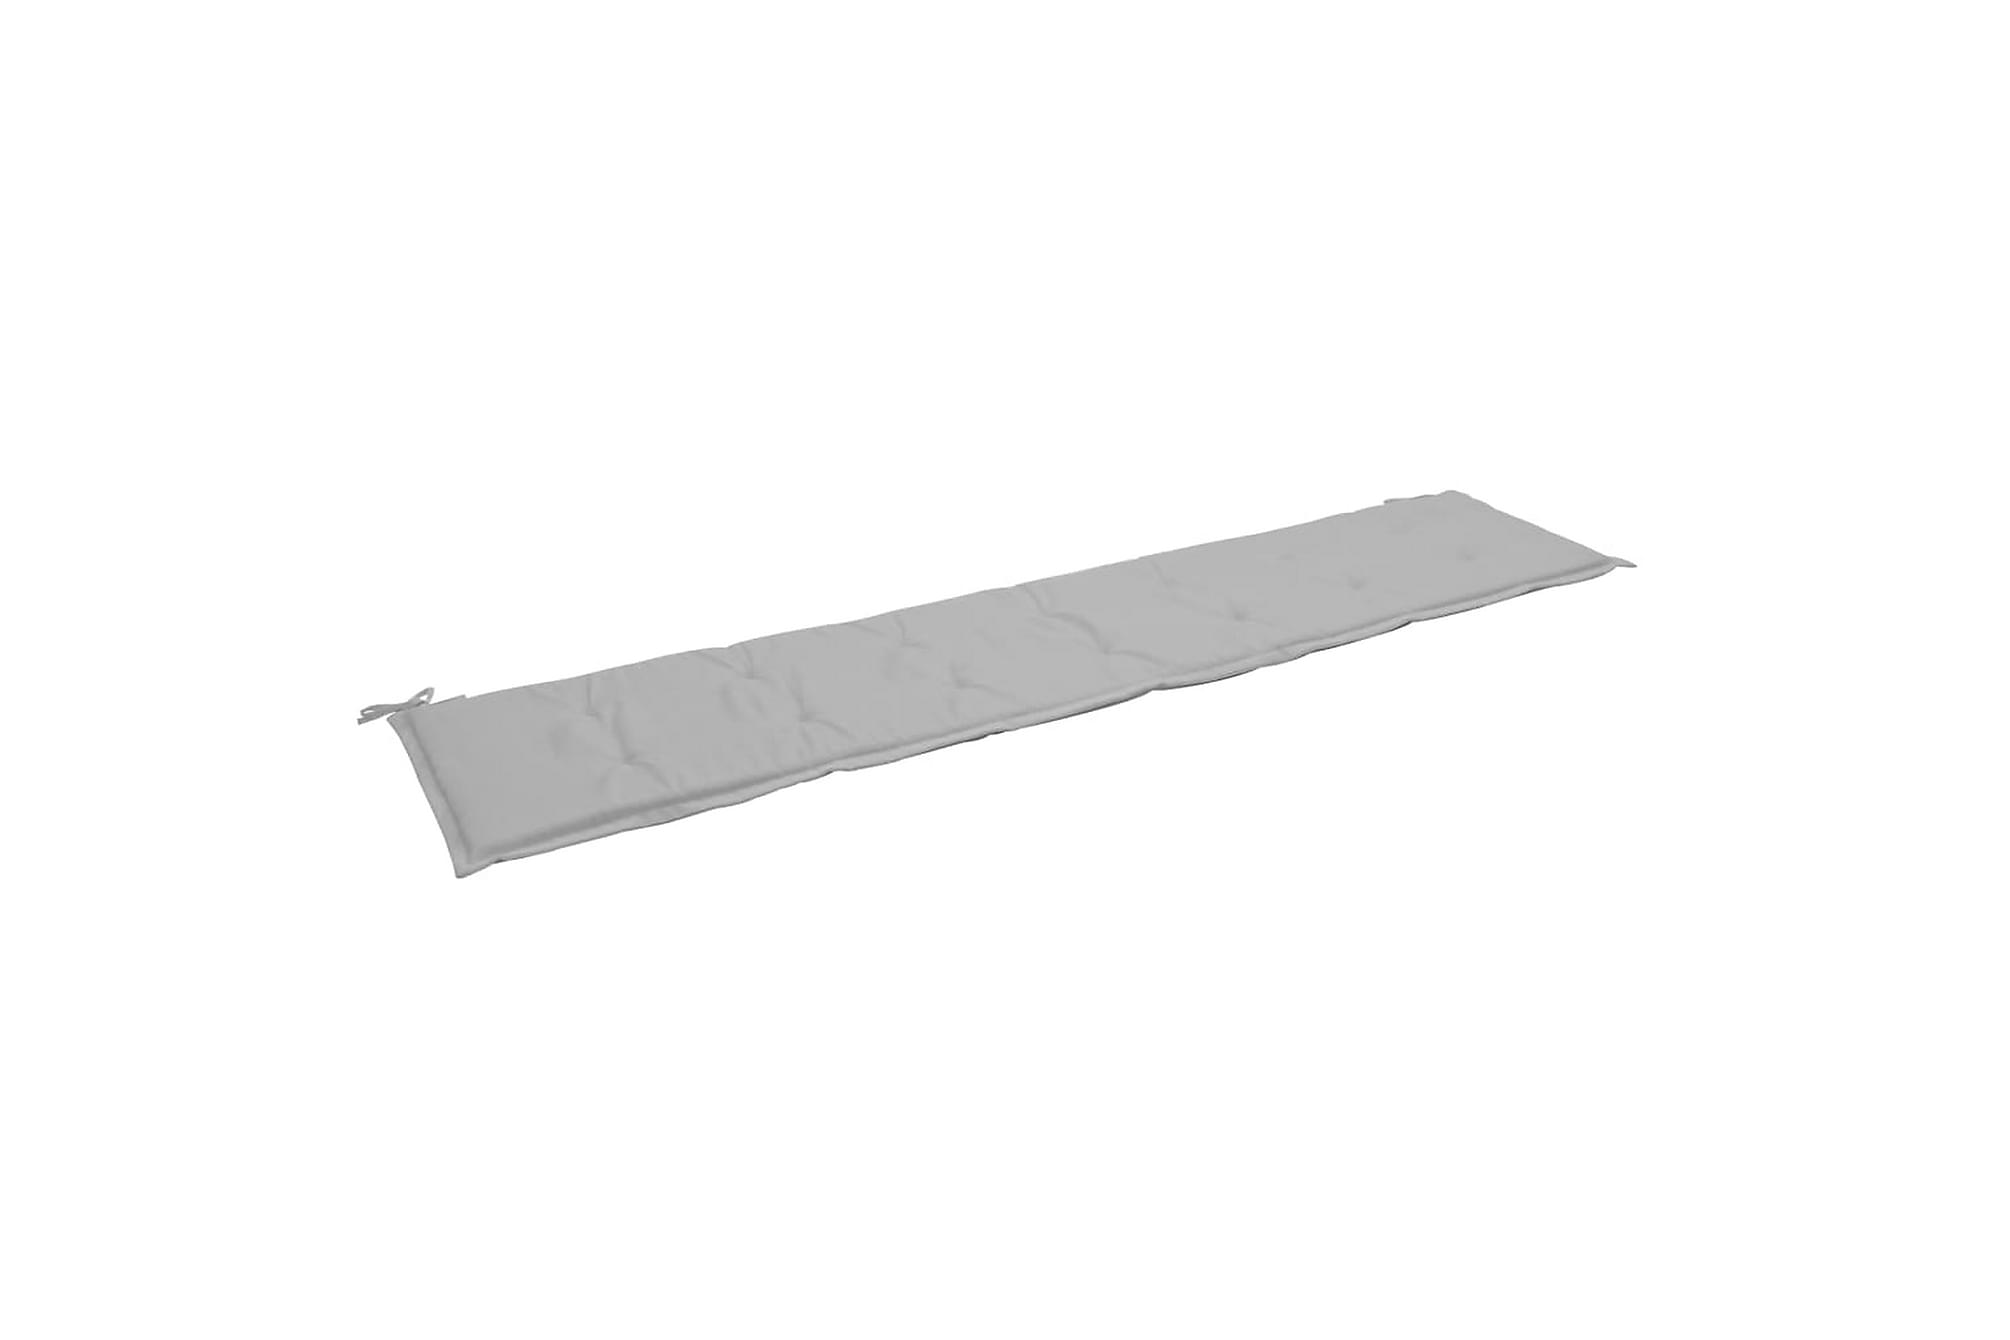 Bänkdyna för trädgården grå 200x50x3 cm, Soffdynor